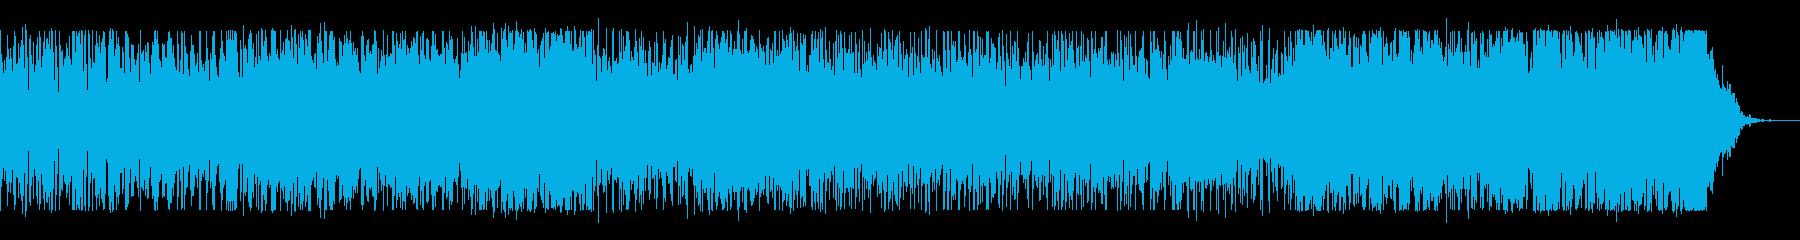 ジングルベルが最後はもろびとこぞりてにの再生済みの波形